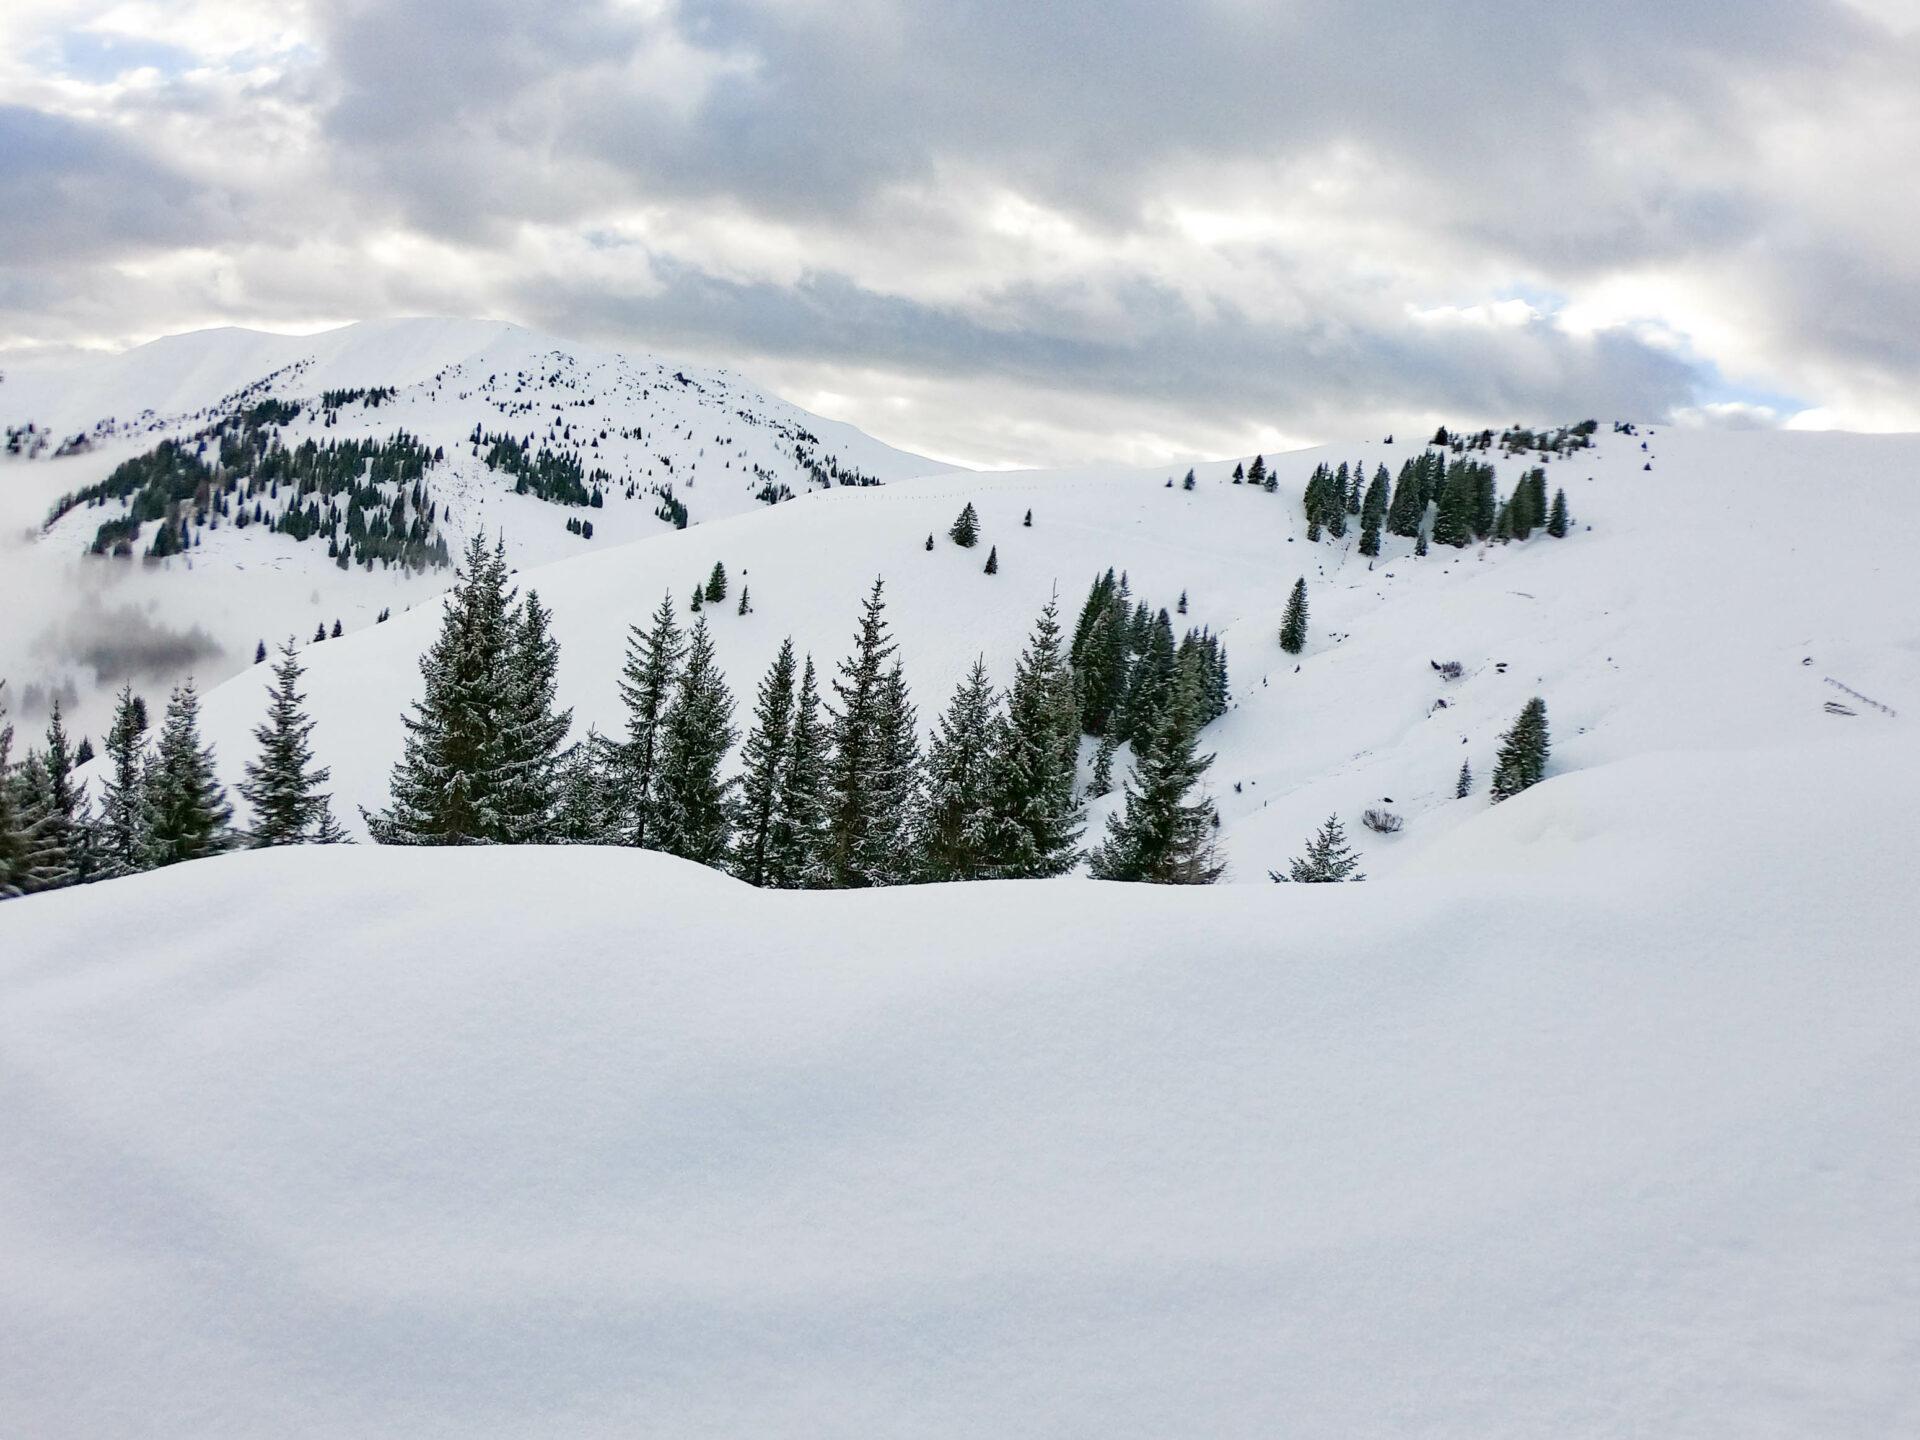 Hochkönig Ski Amade Austria - empty slopes - shoulder season travelling